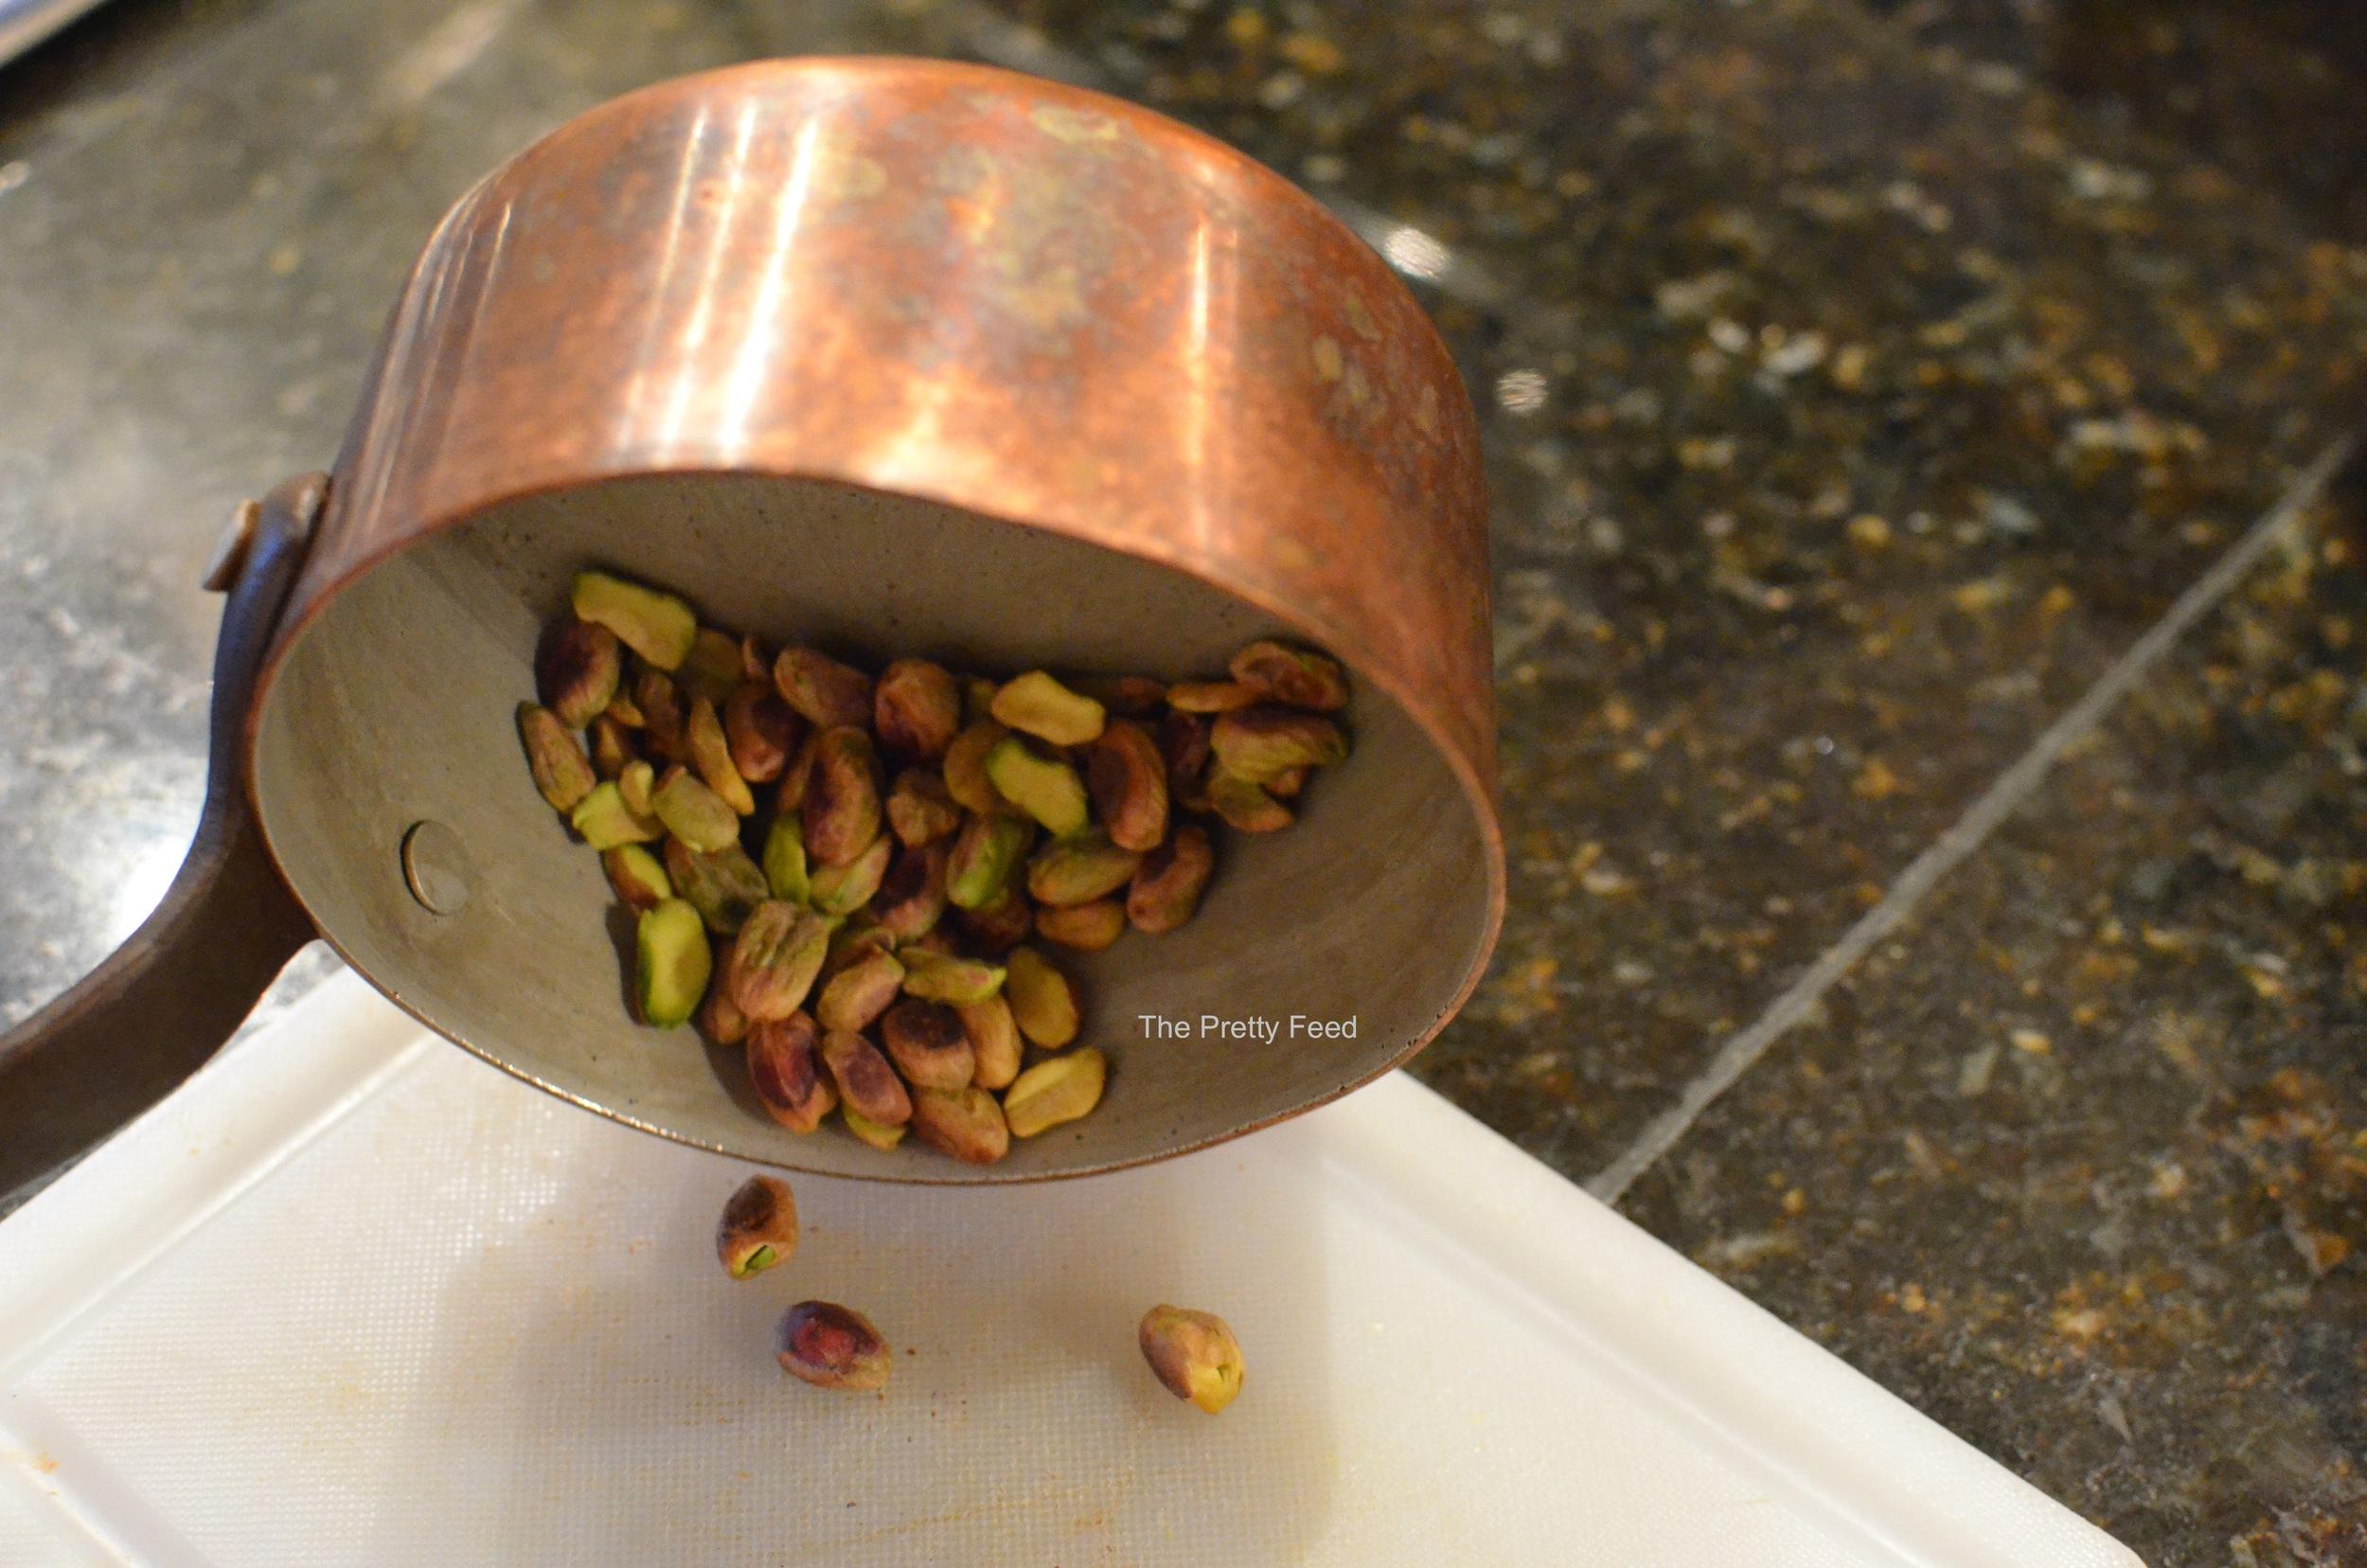 Roast the pistachios until golden brown